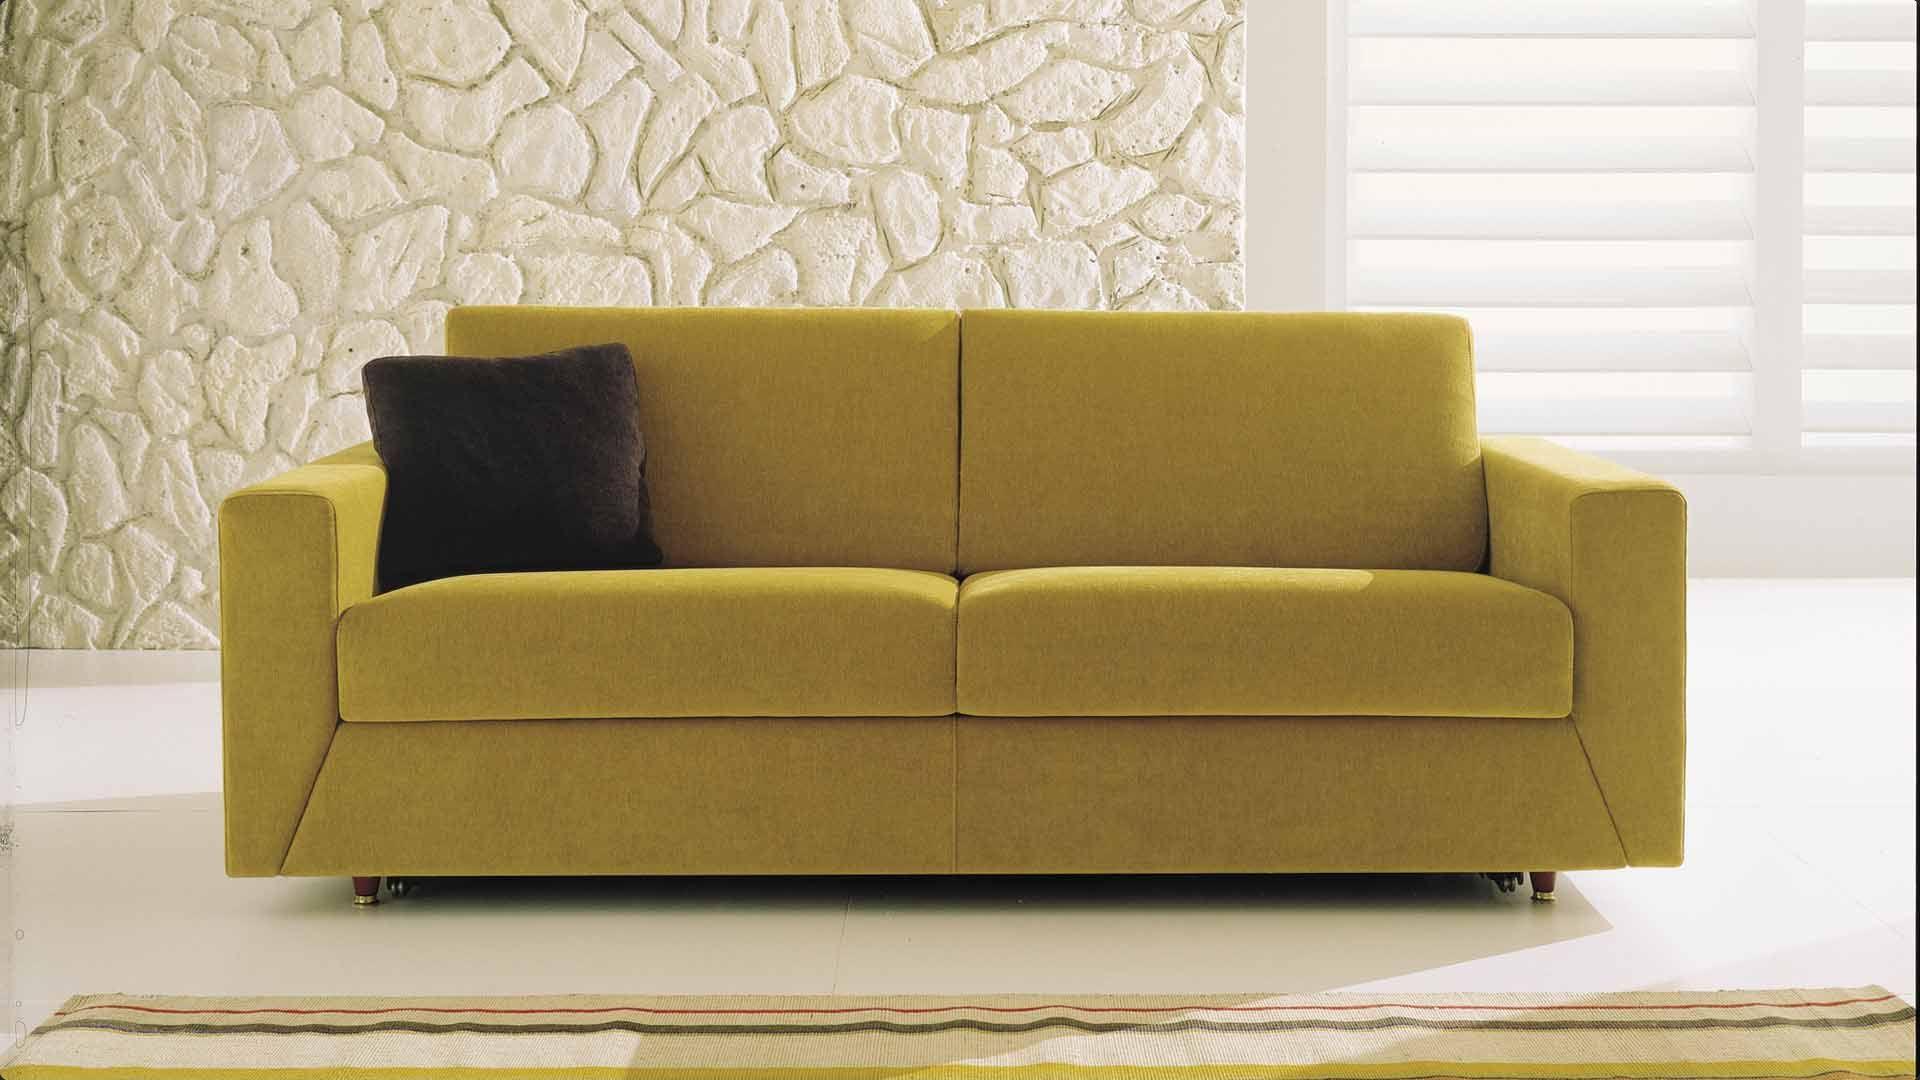 Fabbrica divani letto a lissone so form divani e letti - Divano color senape ...